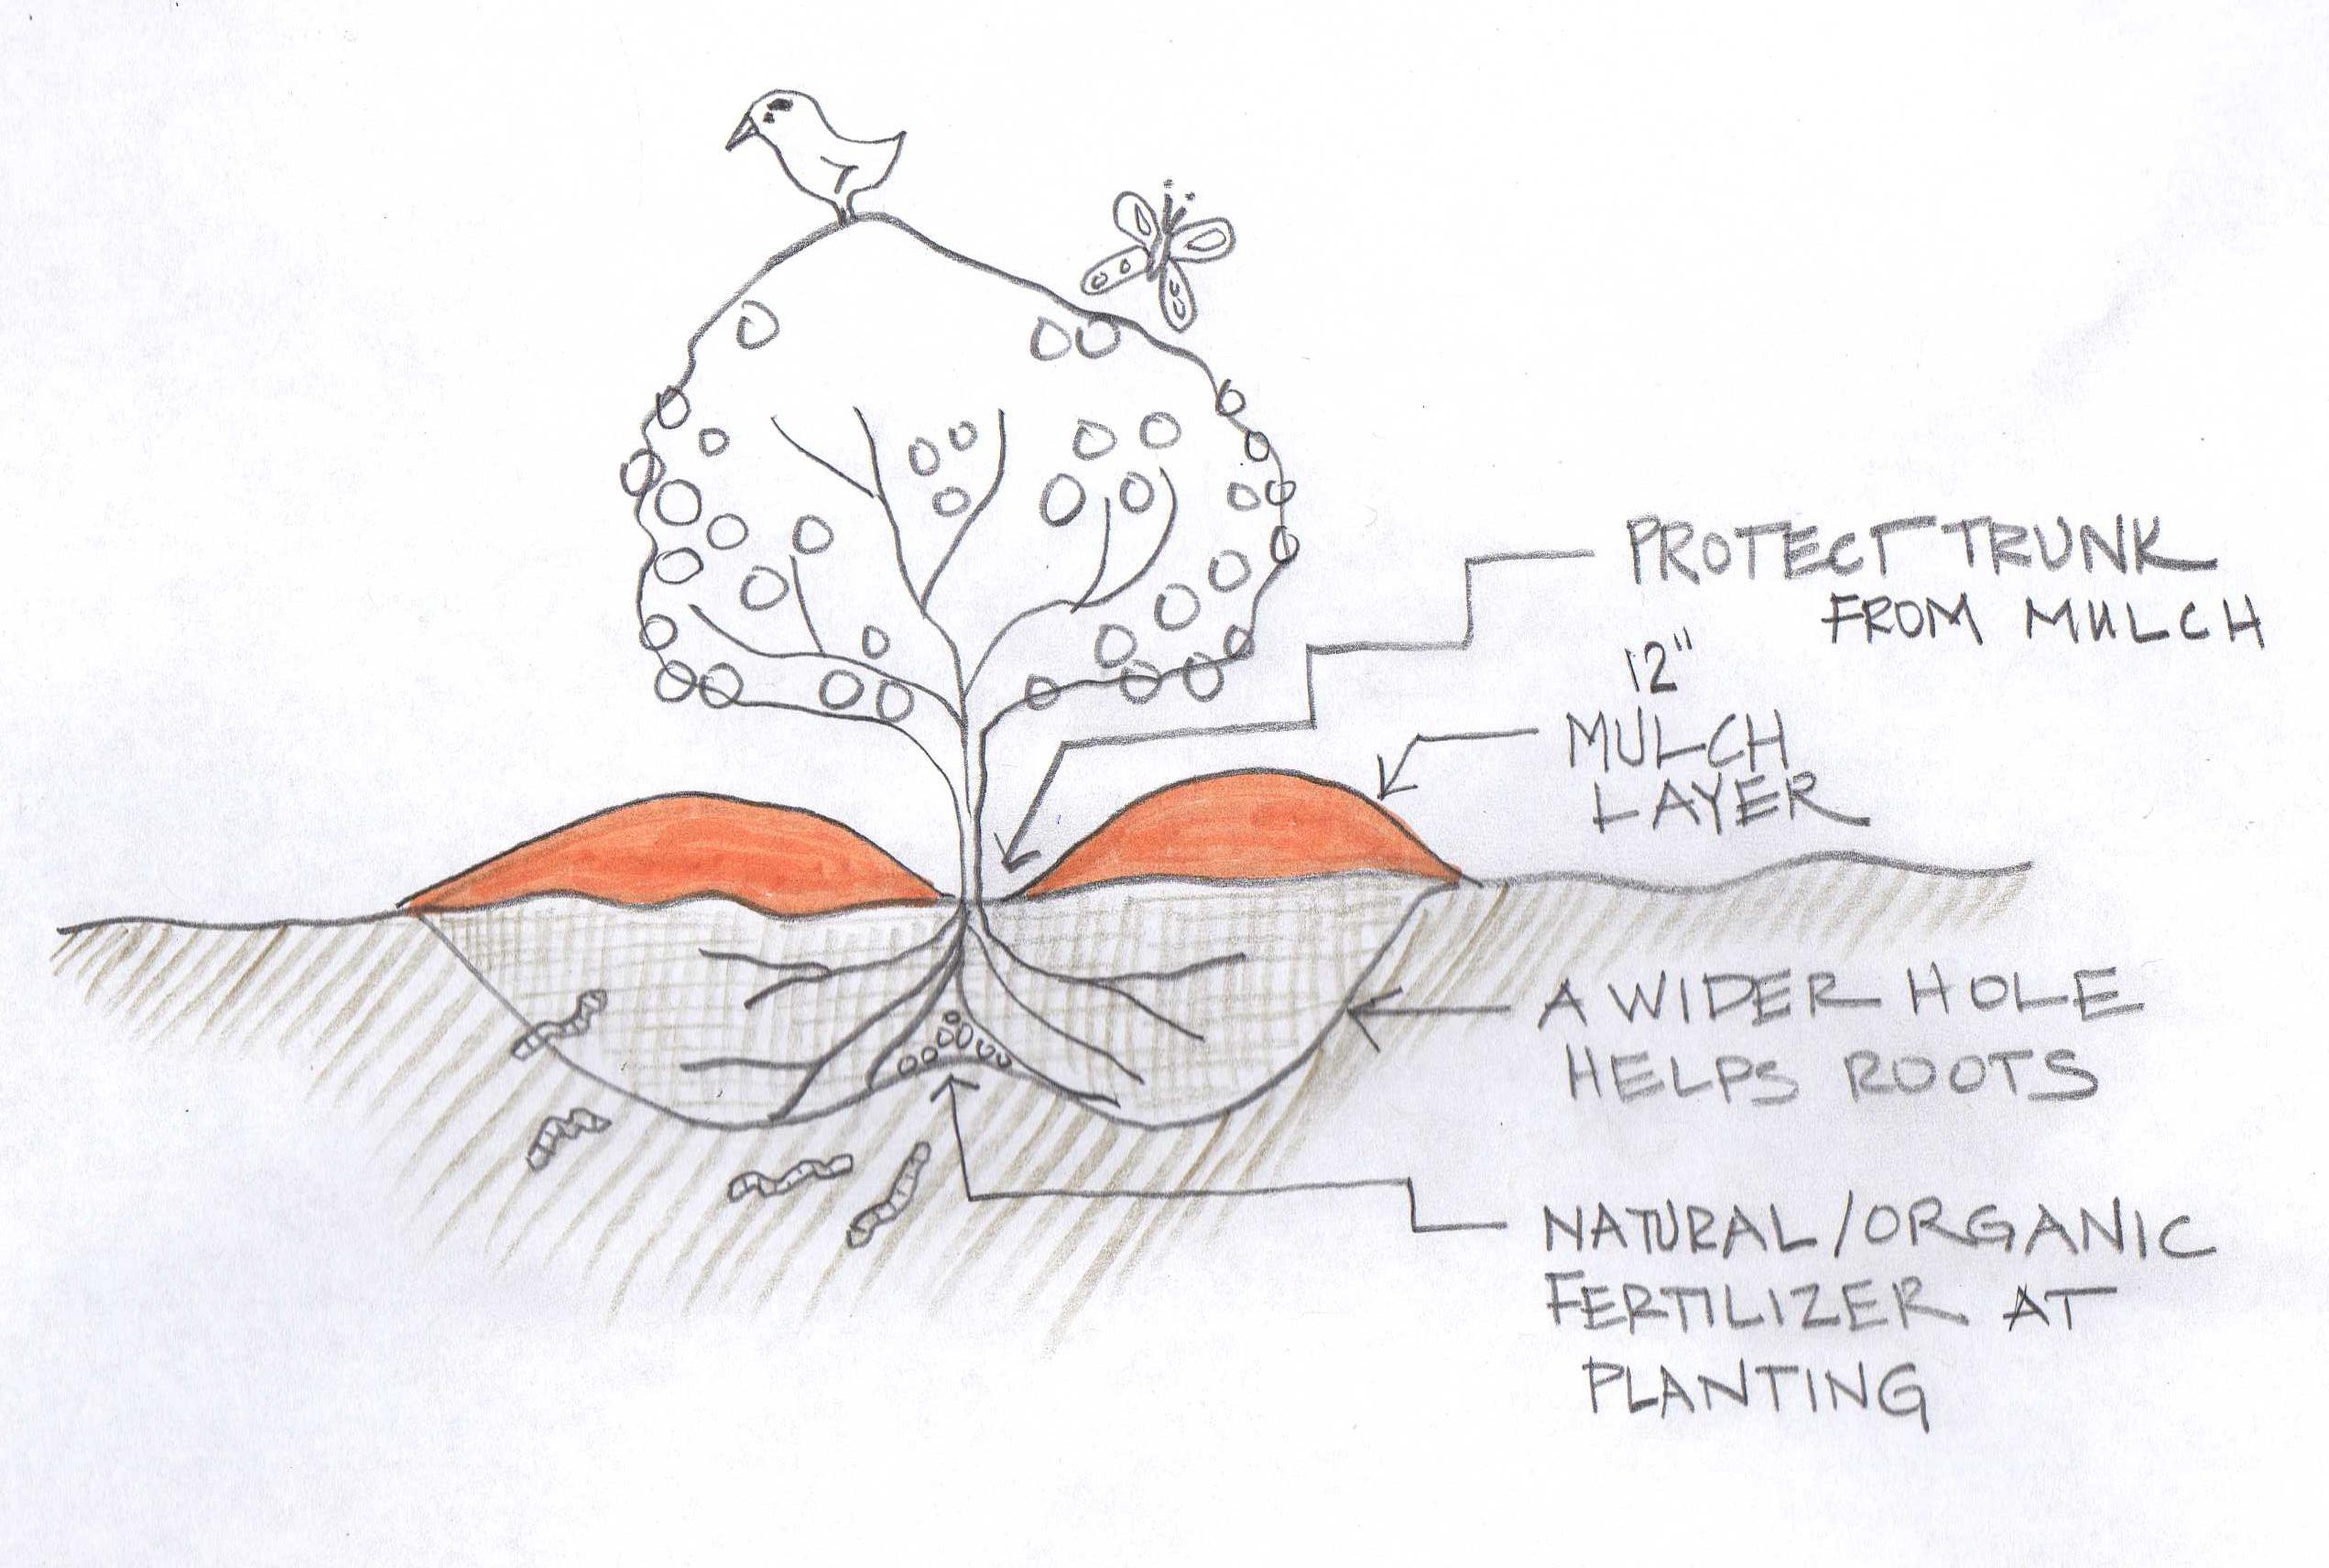 image: Soil Erosion Solutions for street trees